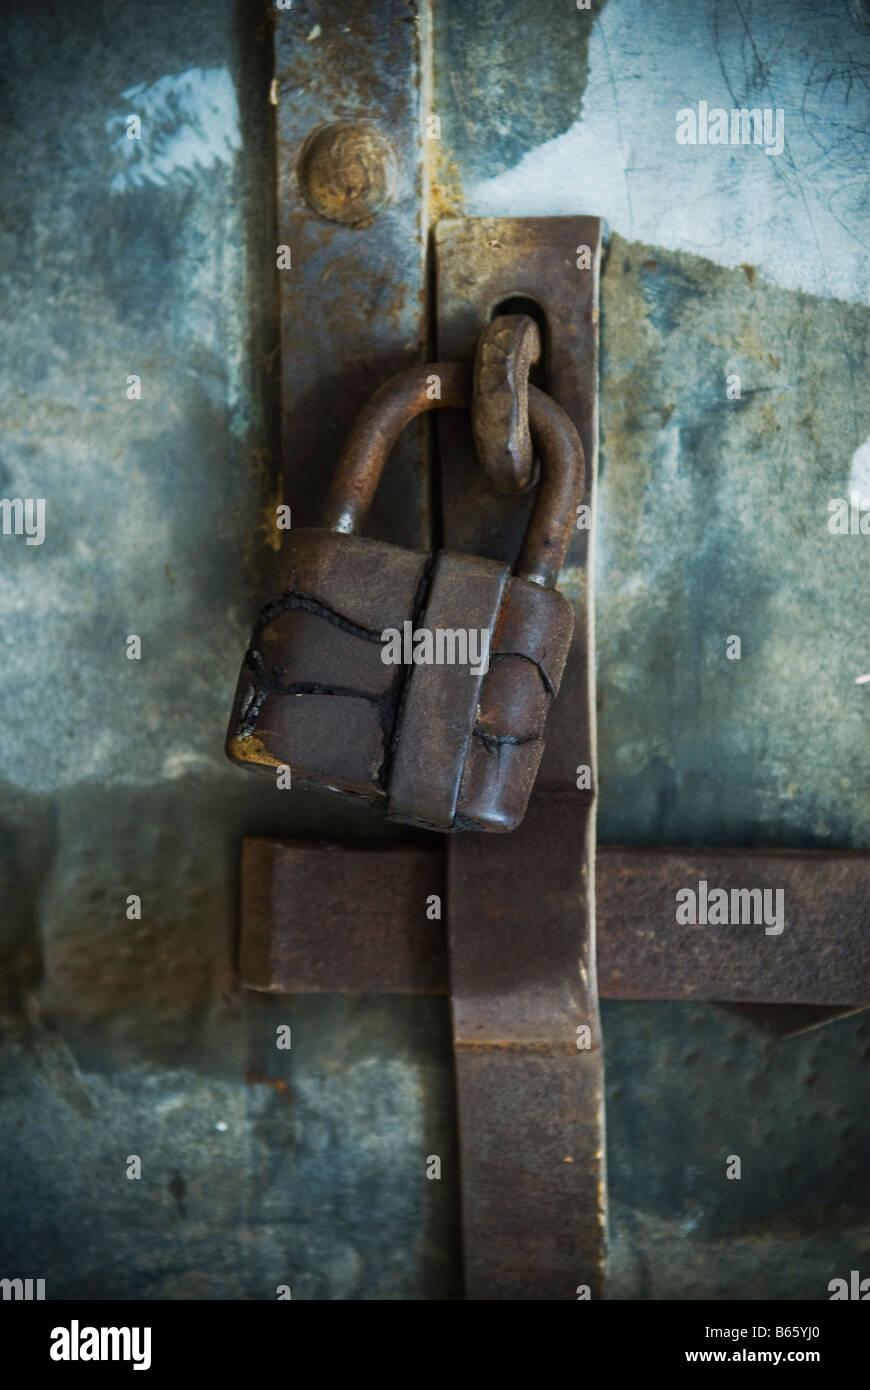 Verrou robuste en métal rouillé Photo Stock